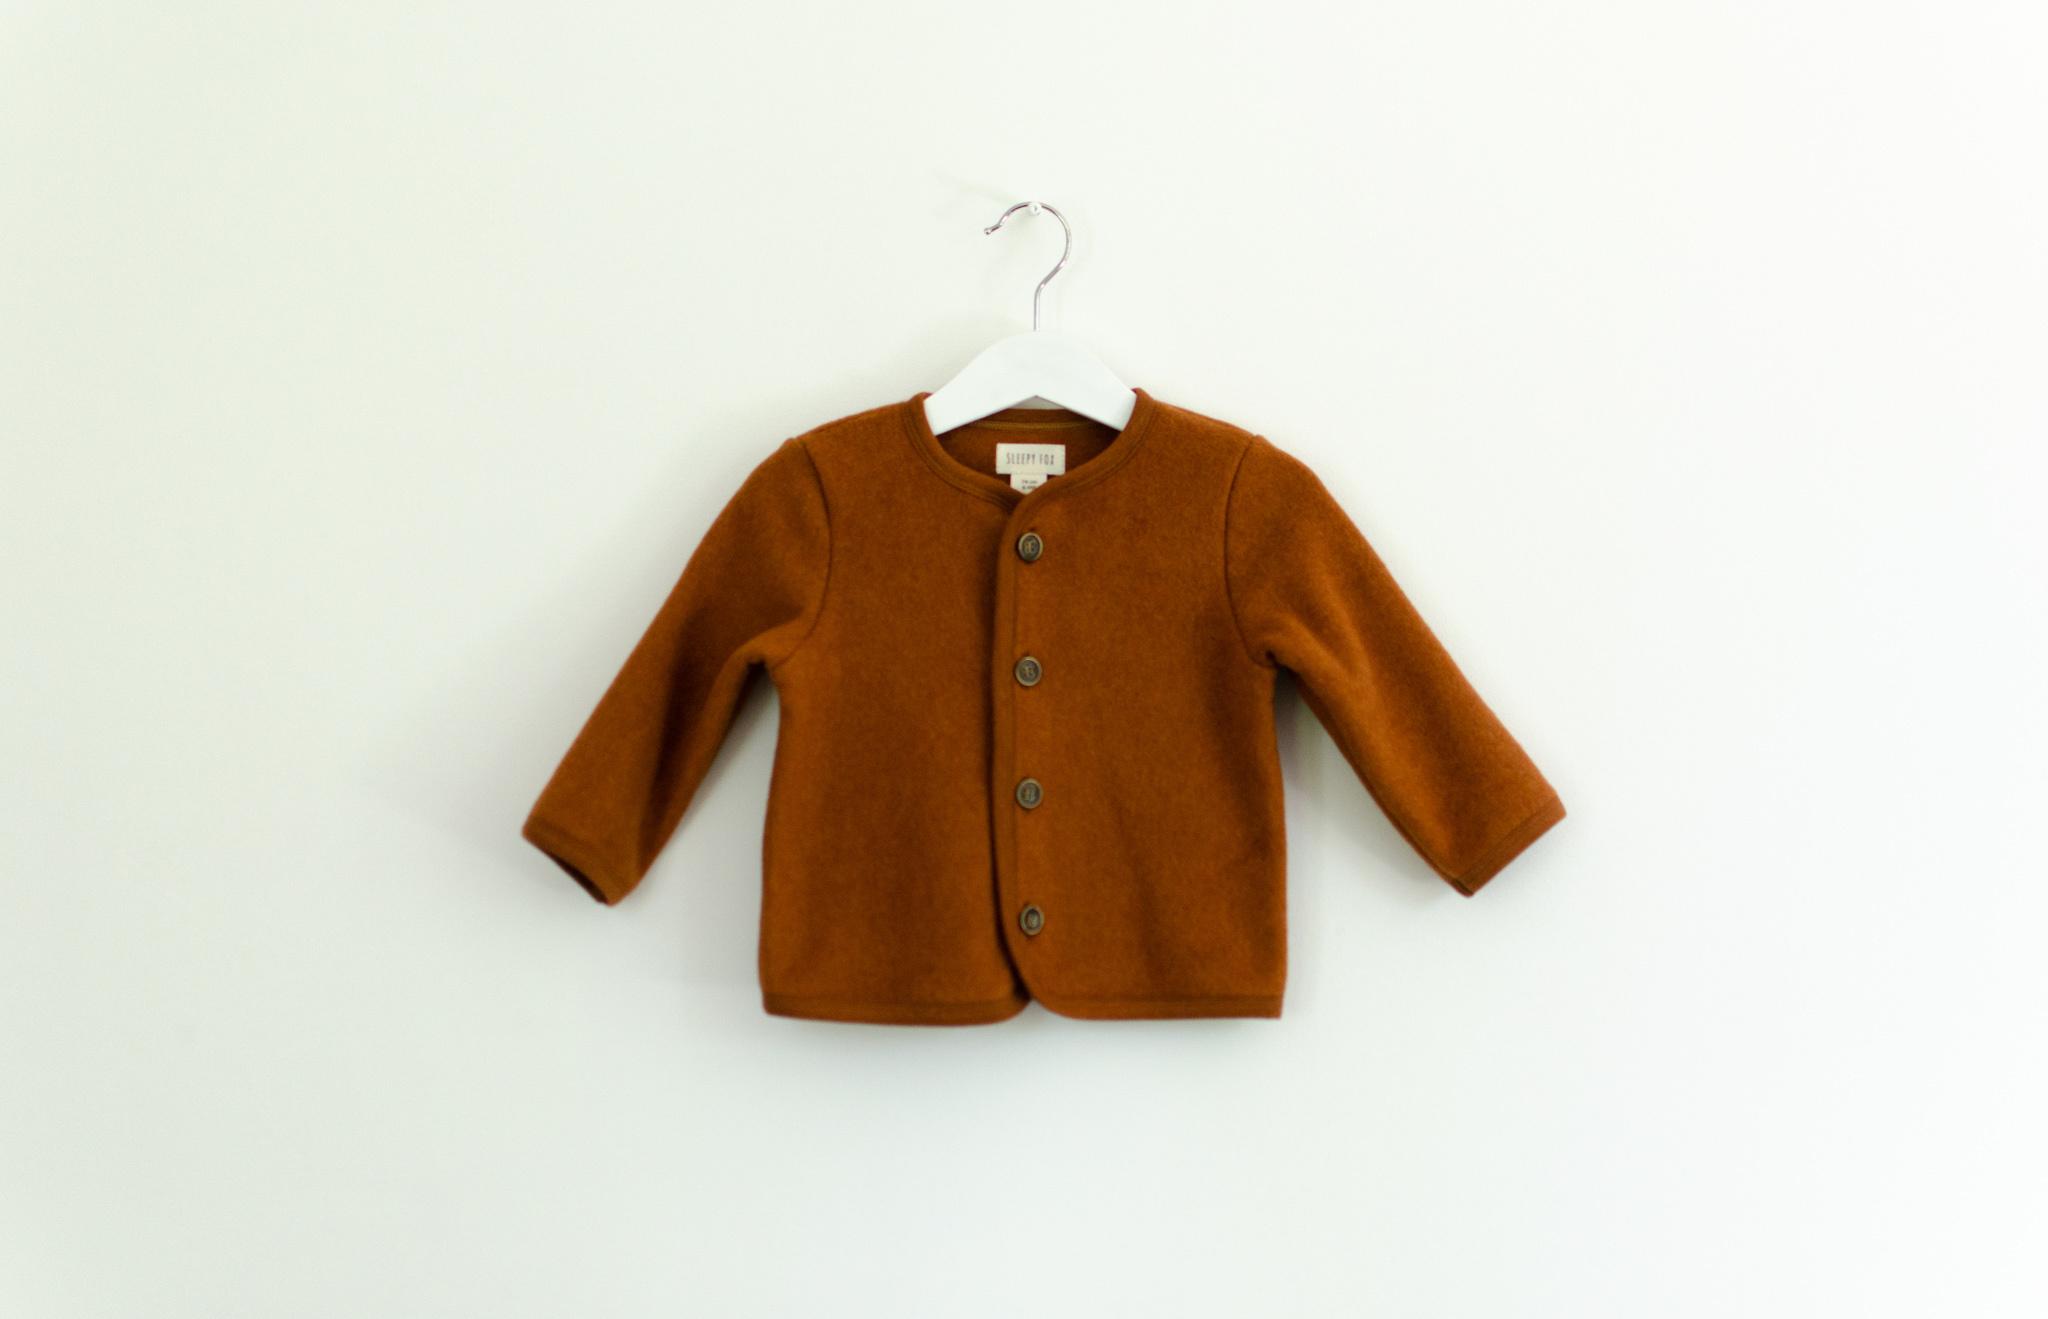 Bébé veste avec fermeture à boutons de couleur cuivre